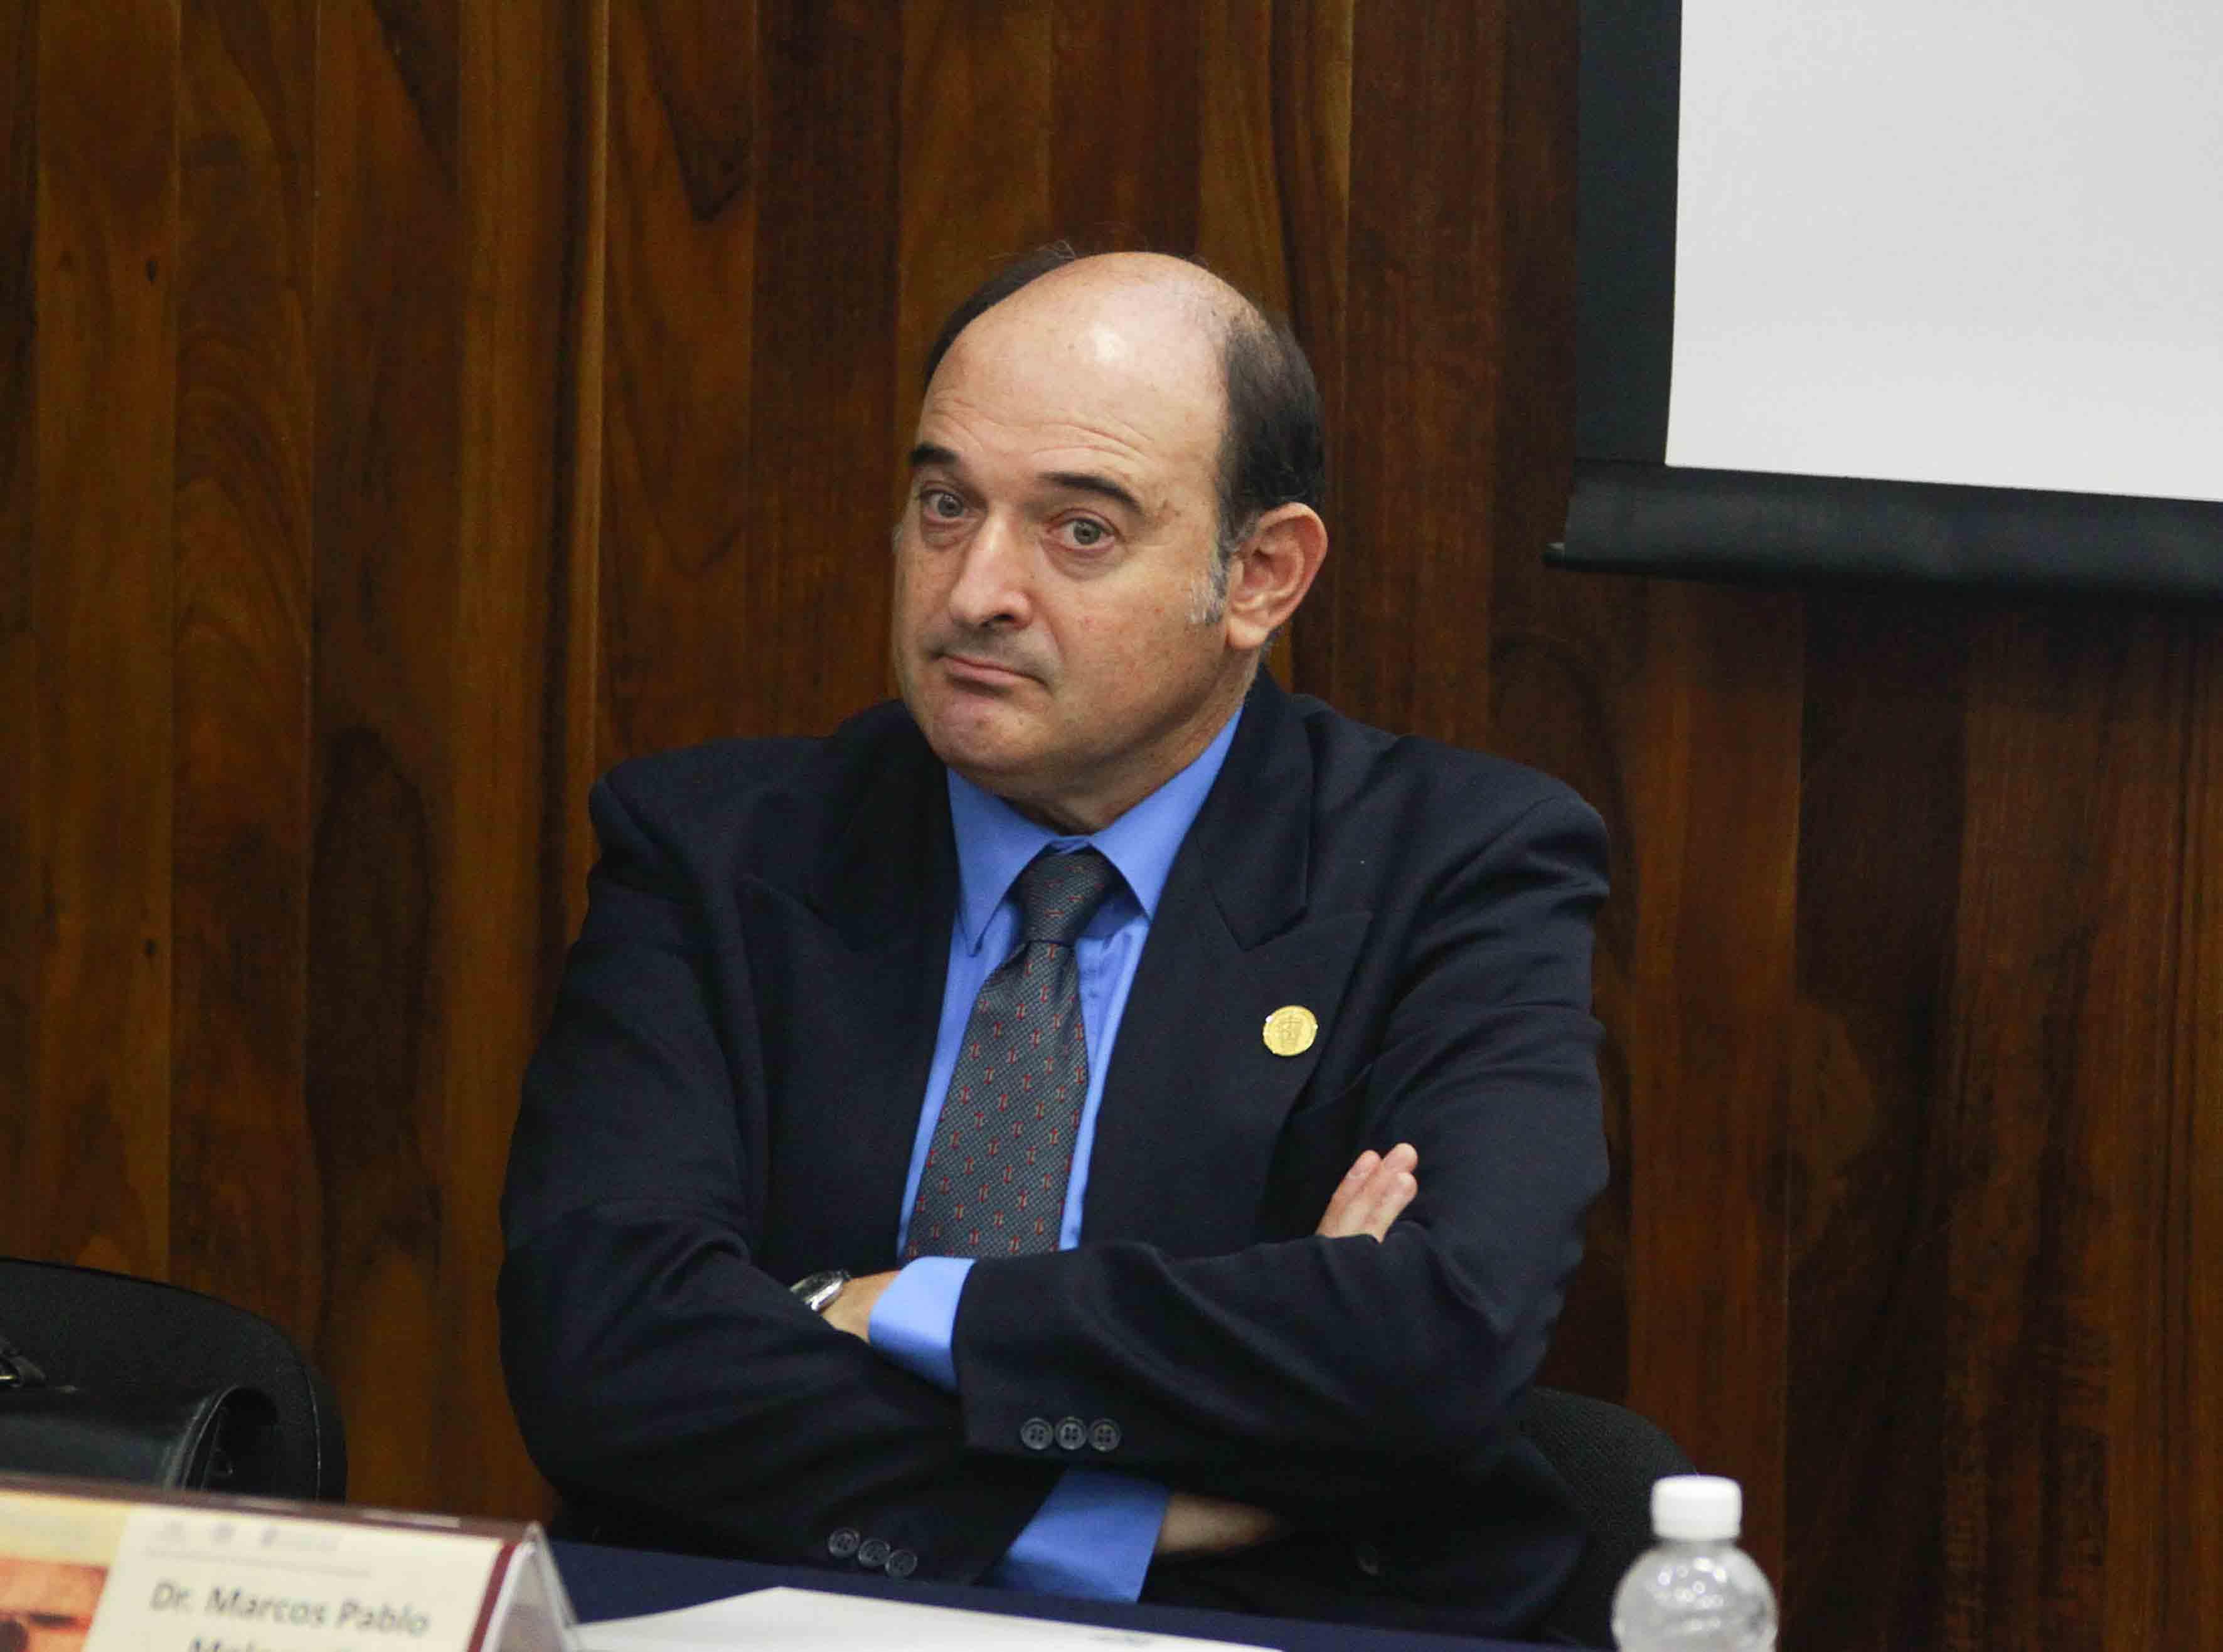 Doctor Marcos Pablo Moloeznik Gruer, académico del Centro Universitario de Ciencias Sociales y Humanidades de la Universidad de Guadalajara.